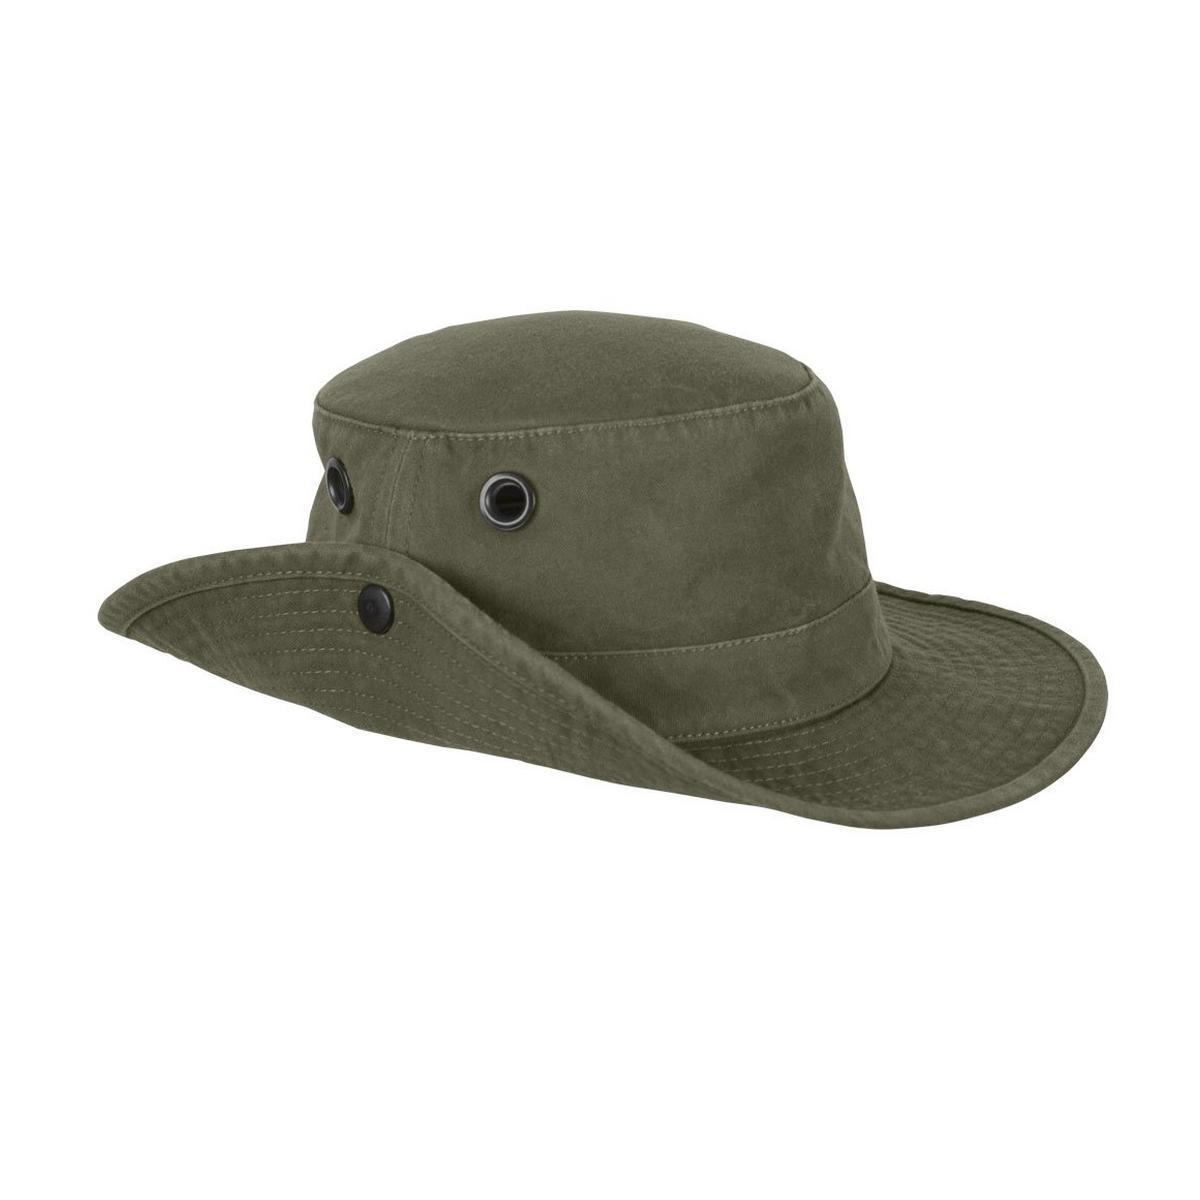 Tilley Endurables Tilley Hat T3 The Wanderer Snap-up Medium Brim Olive